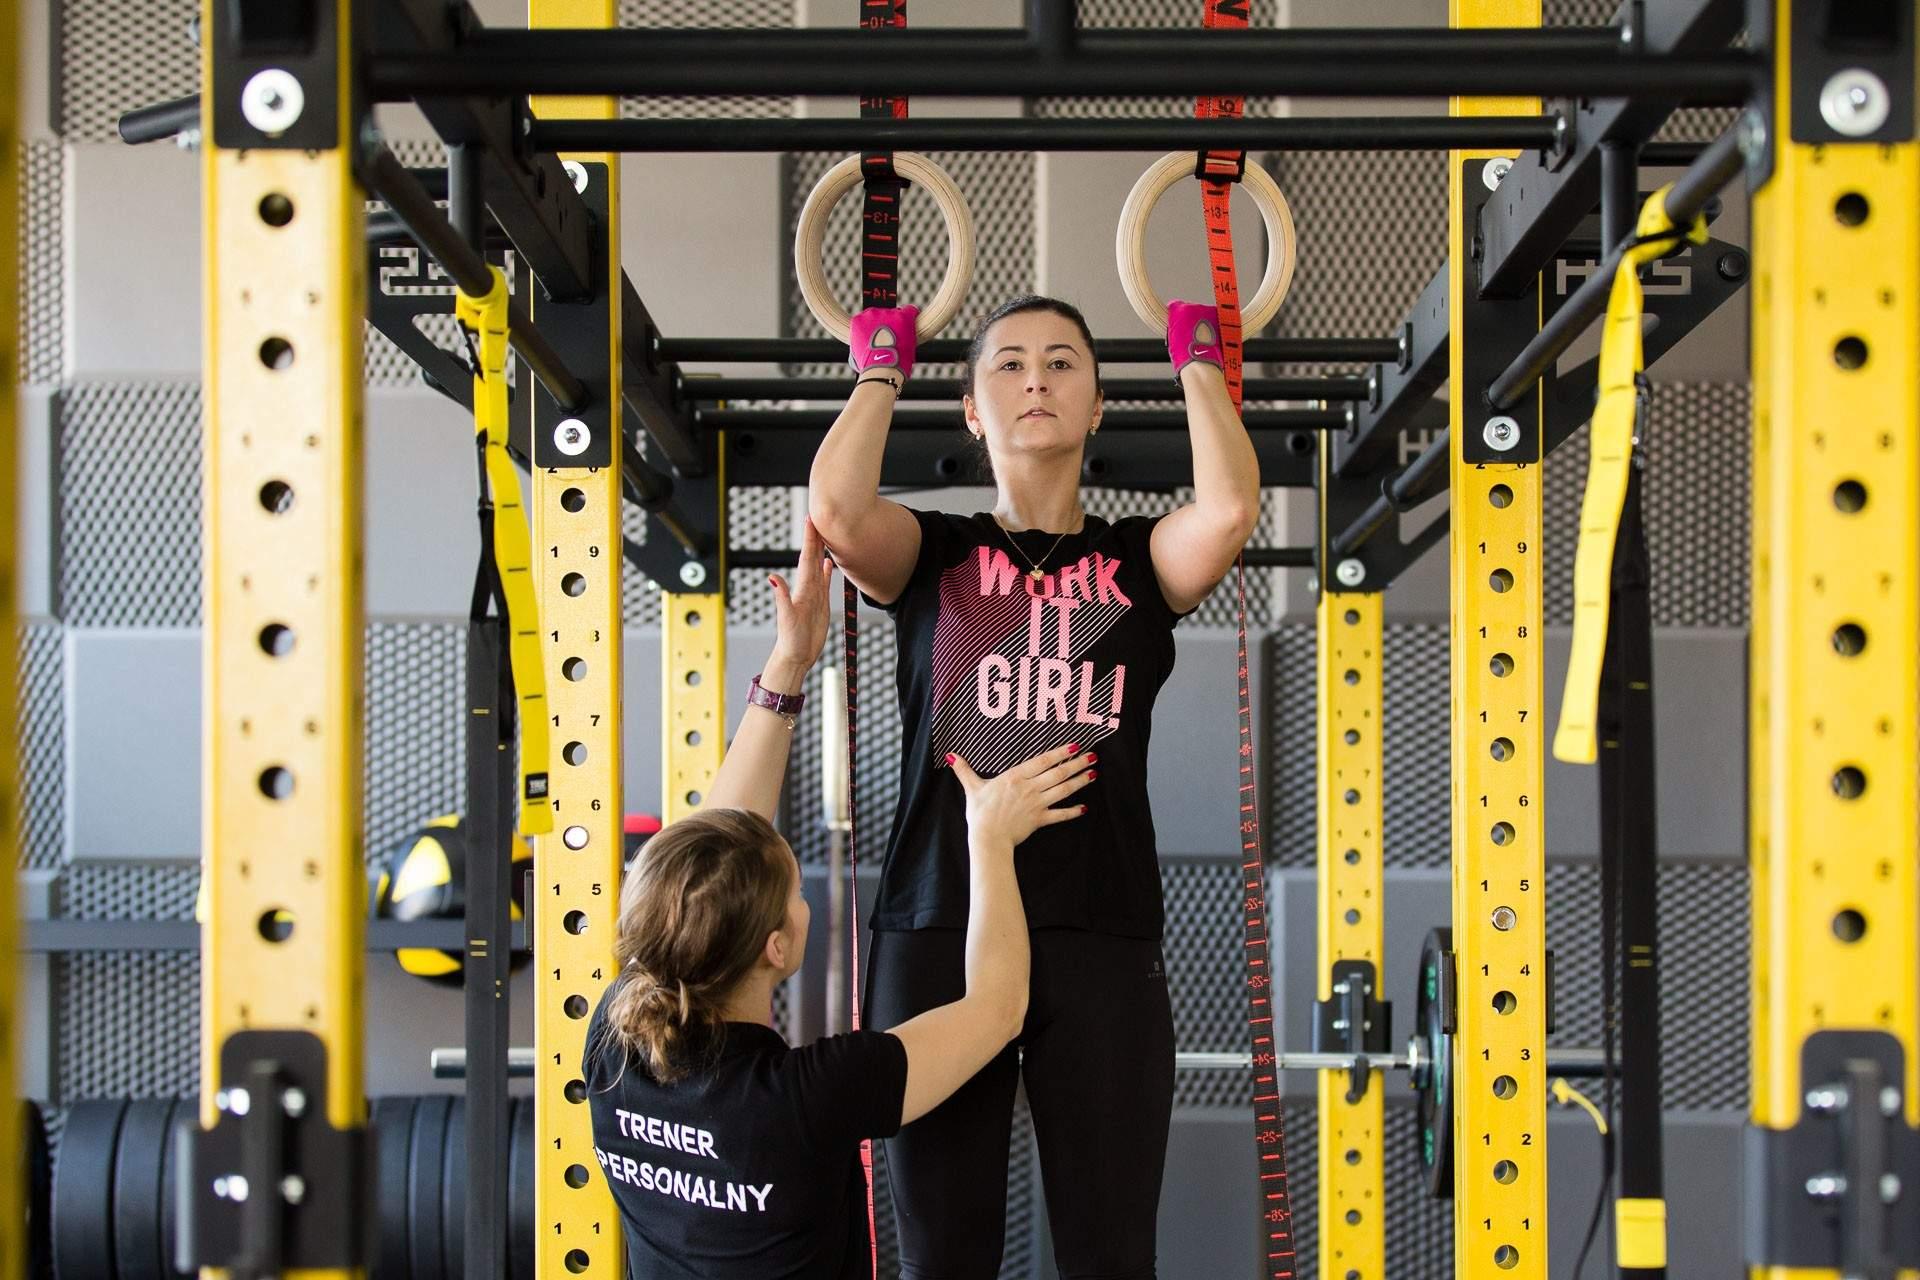 Nasza trenerka osobista wykorzystuje kółka gimnastyczne do urozmaicenia treningu w studiu treningu personalnego RehaFit.